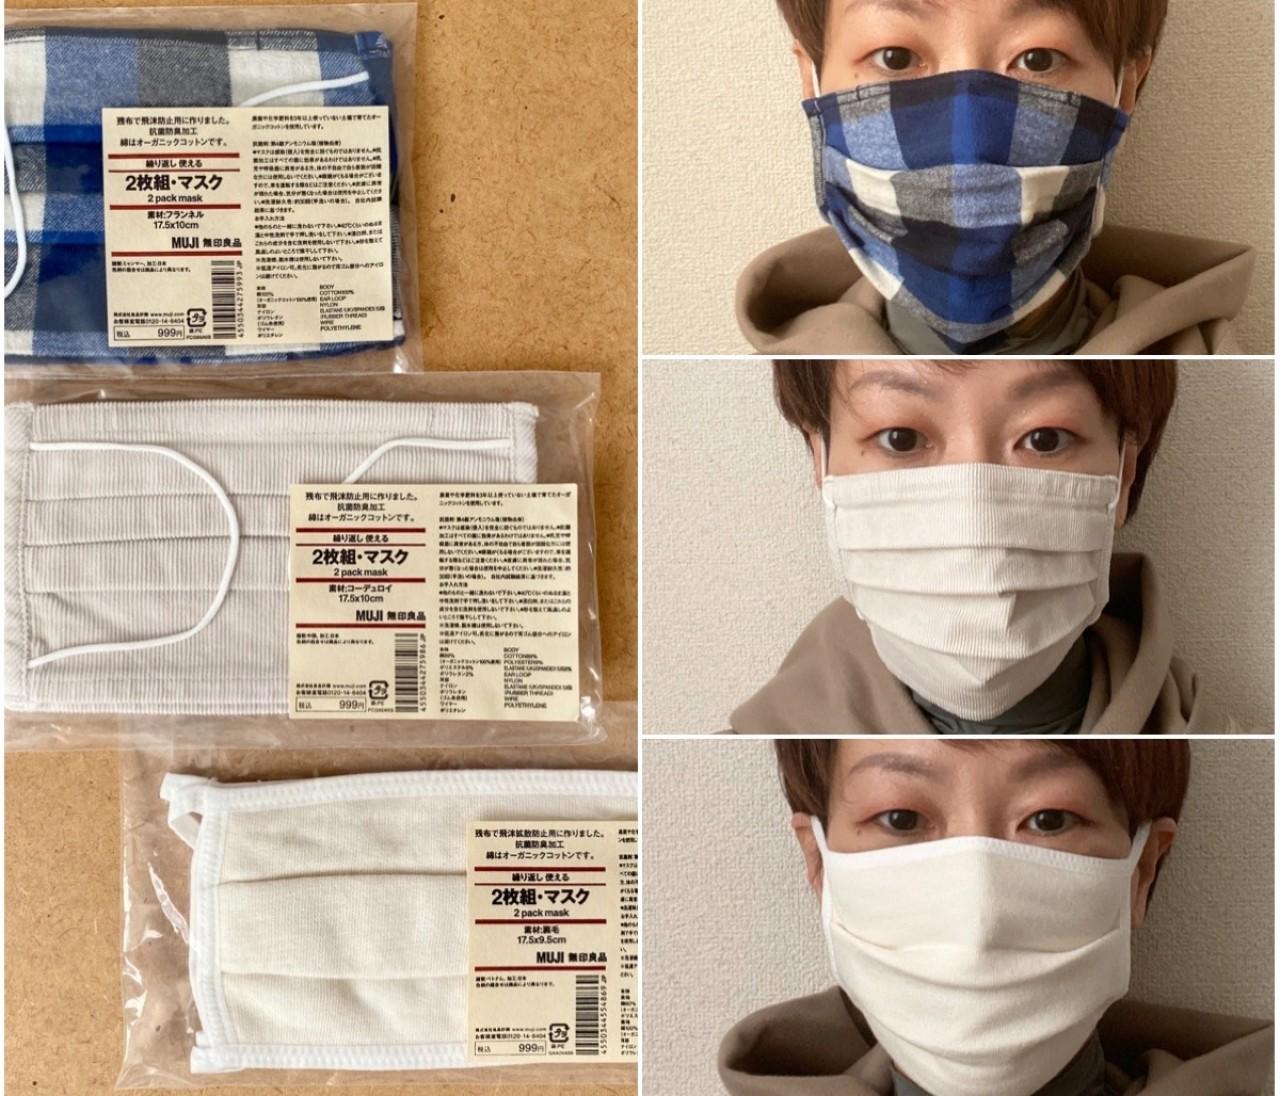 【無印良品】「繰り返し 使える 2枚組・マスク」秋冬向けあったかバージョン3種が新発売、使用感レビュー